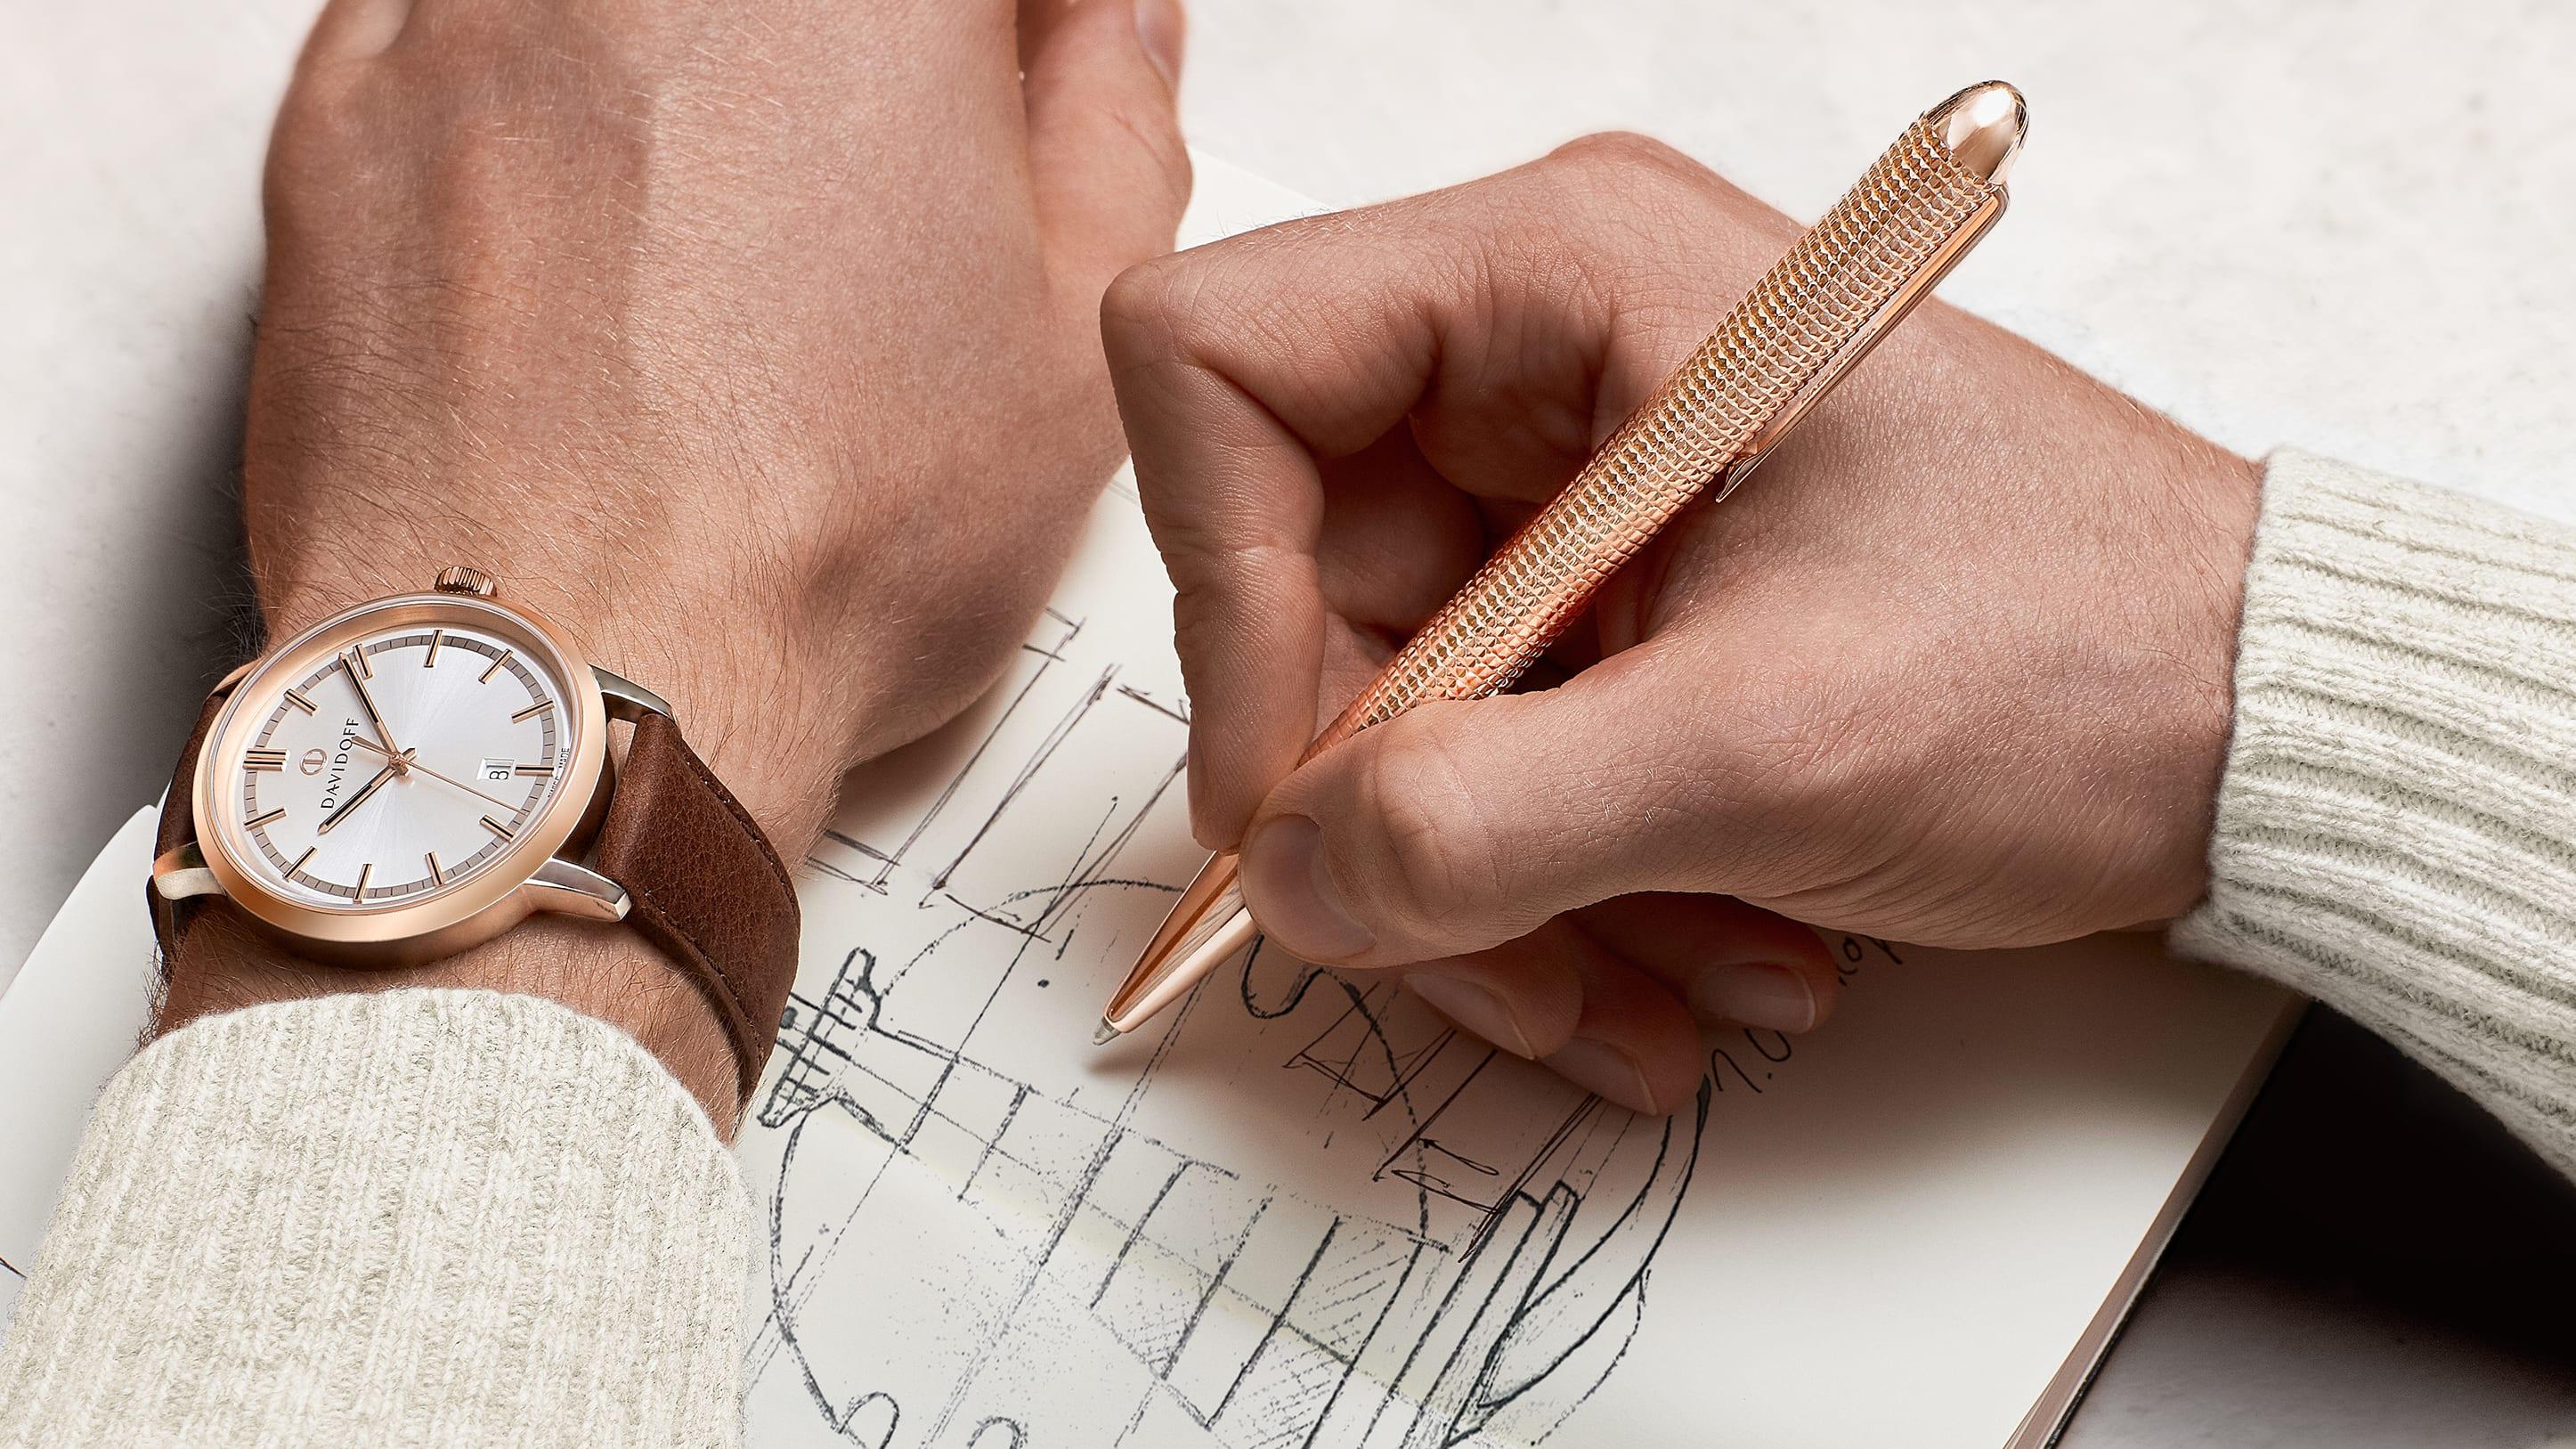 DAVIDOFF Writing Instruments